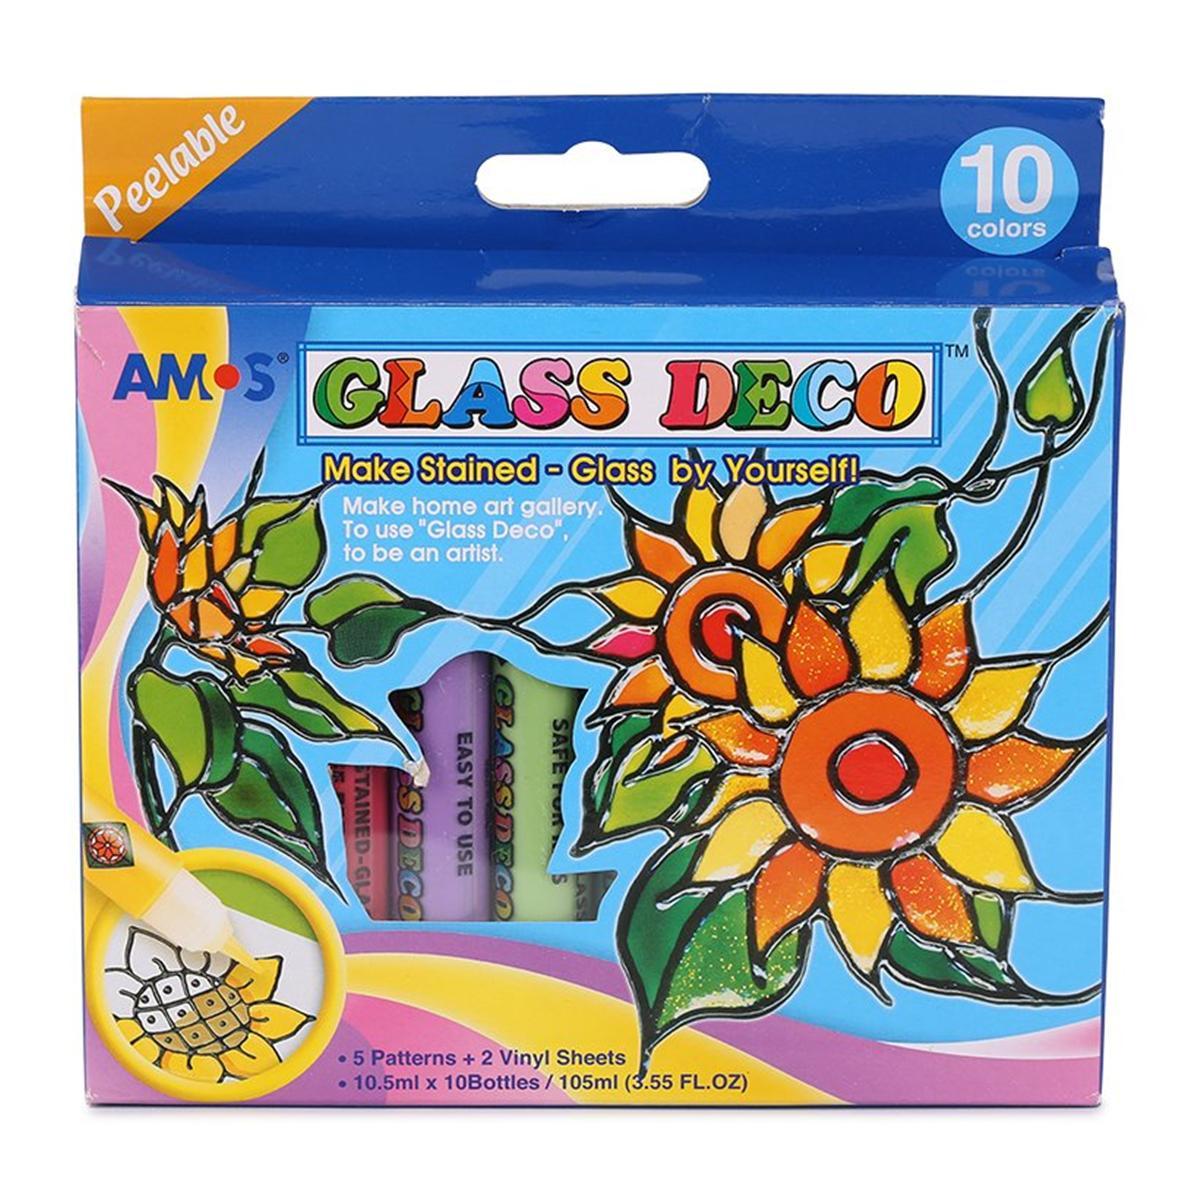 Bộ Bút Vẽ Lên Kính Amos Glass Deco, Vỉ 10 Màu X 0.5Ml Gd10P10